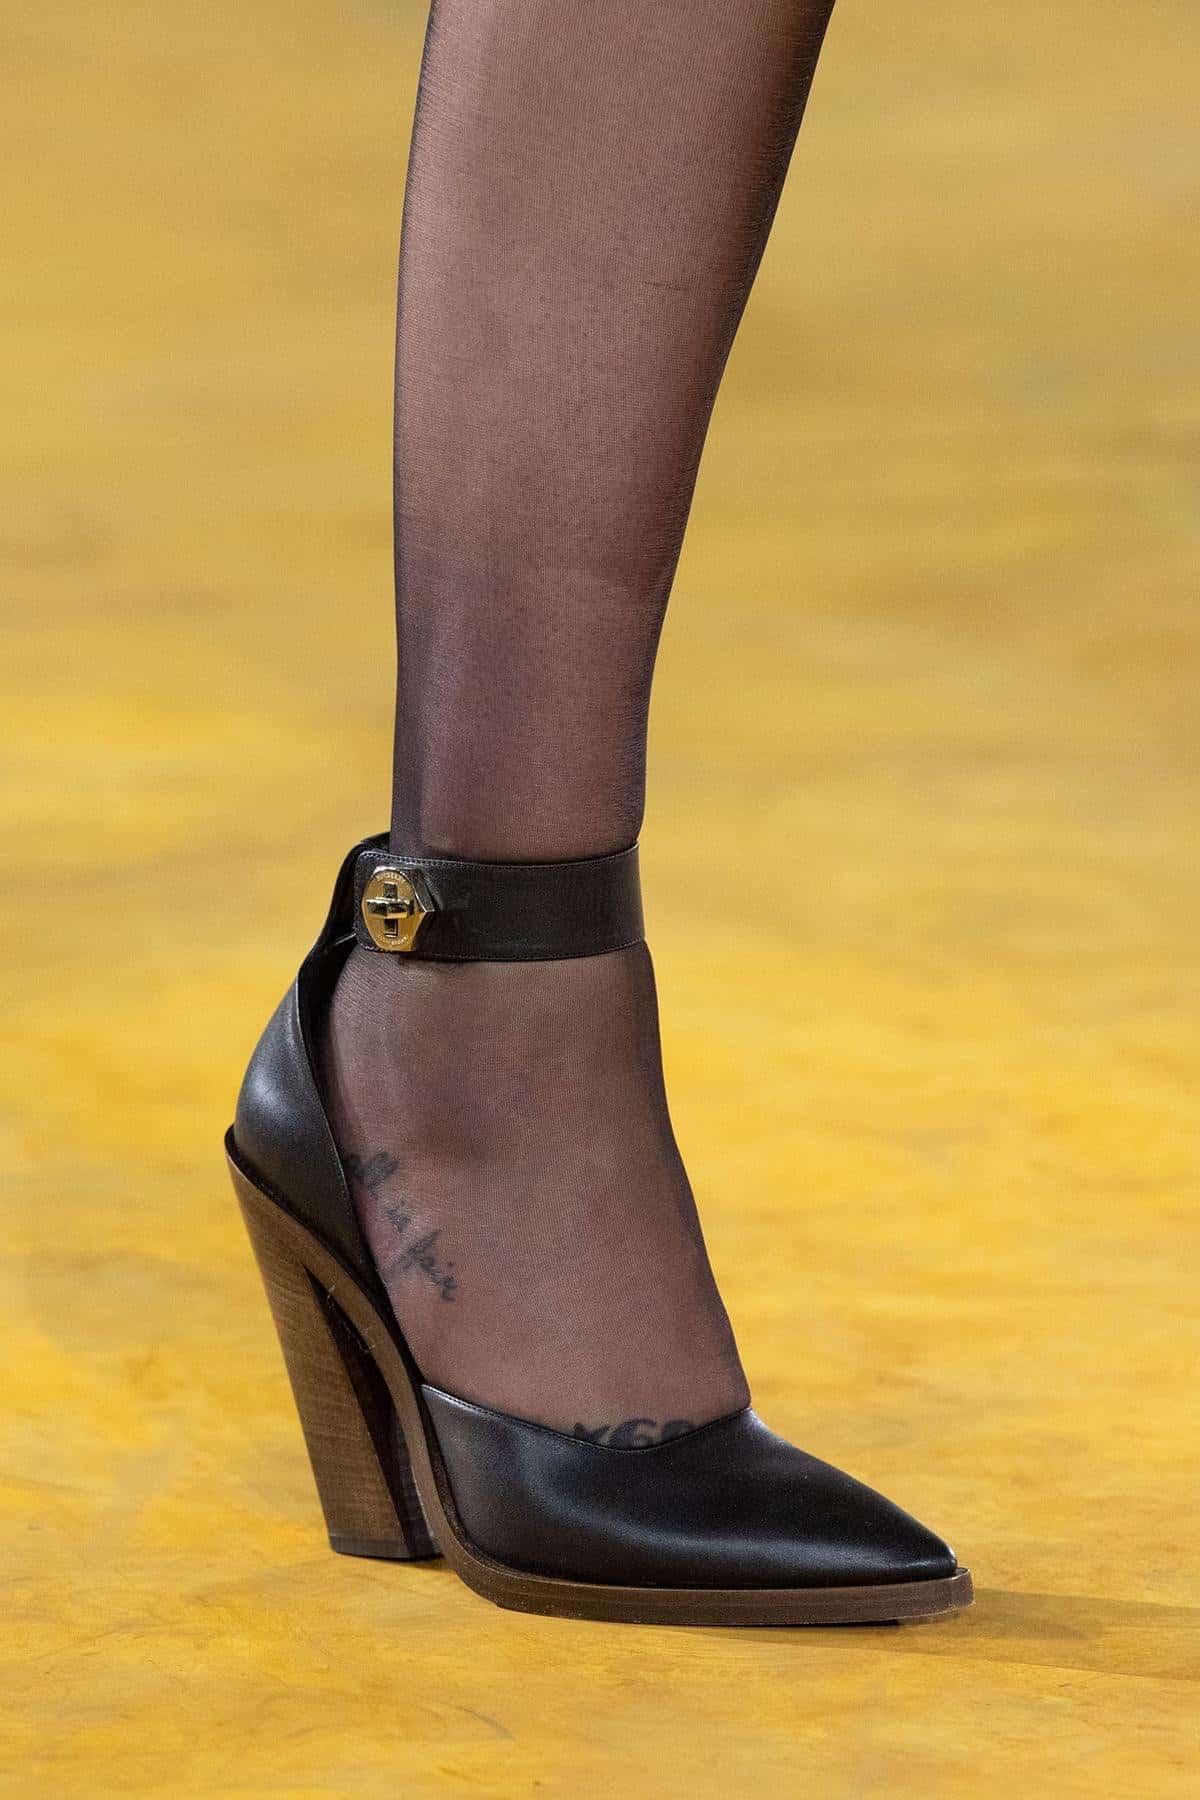 وحذاء Chloé وBurberry.